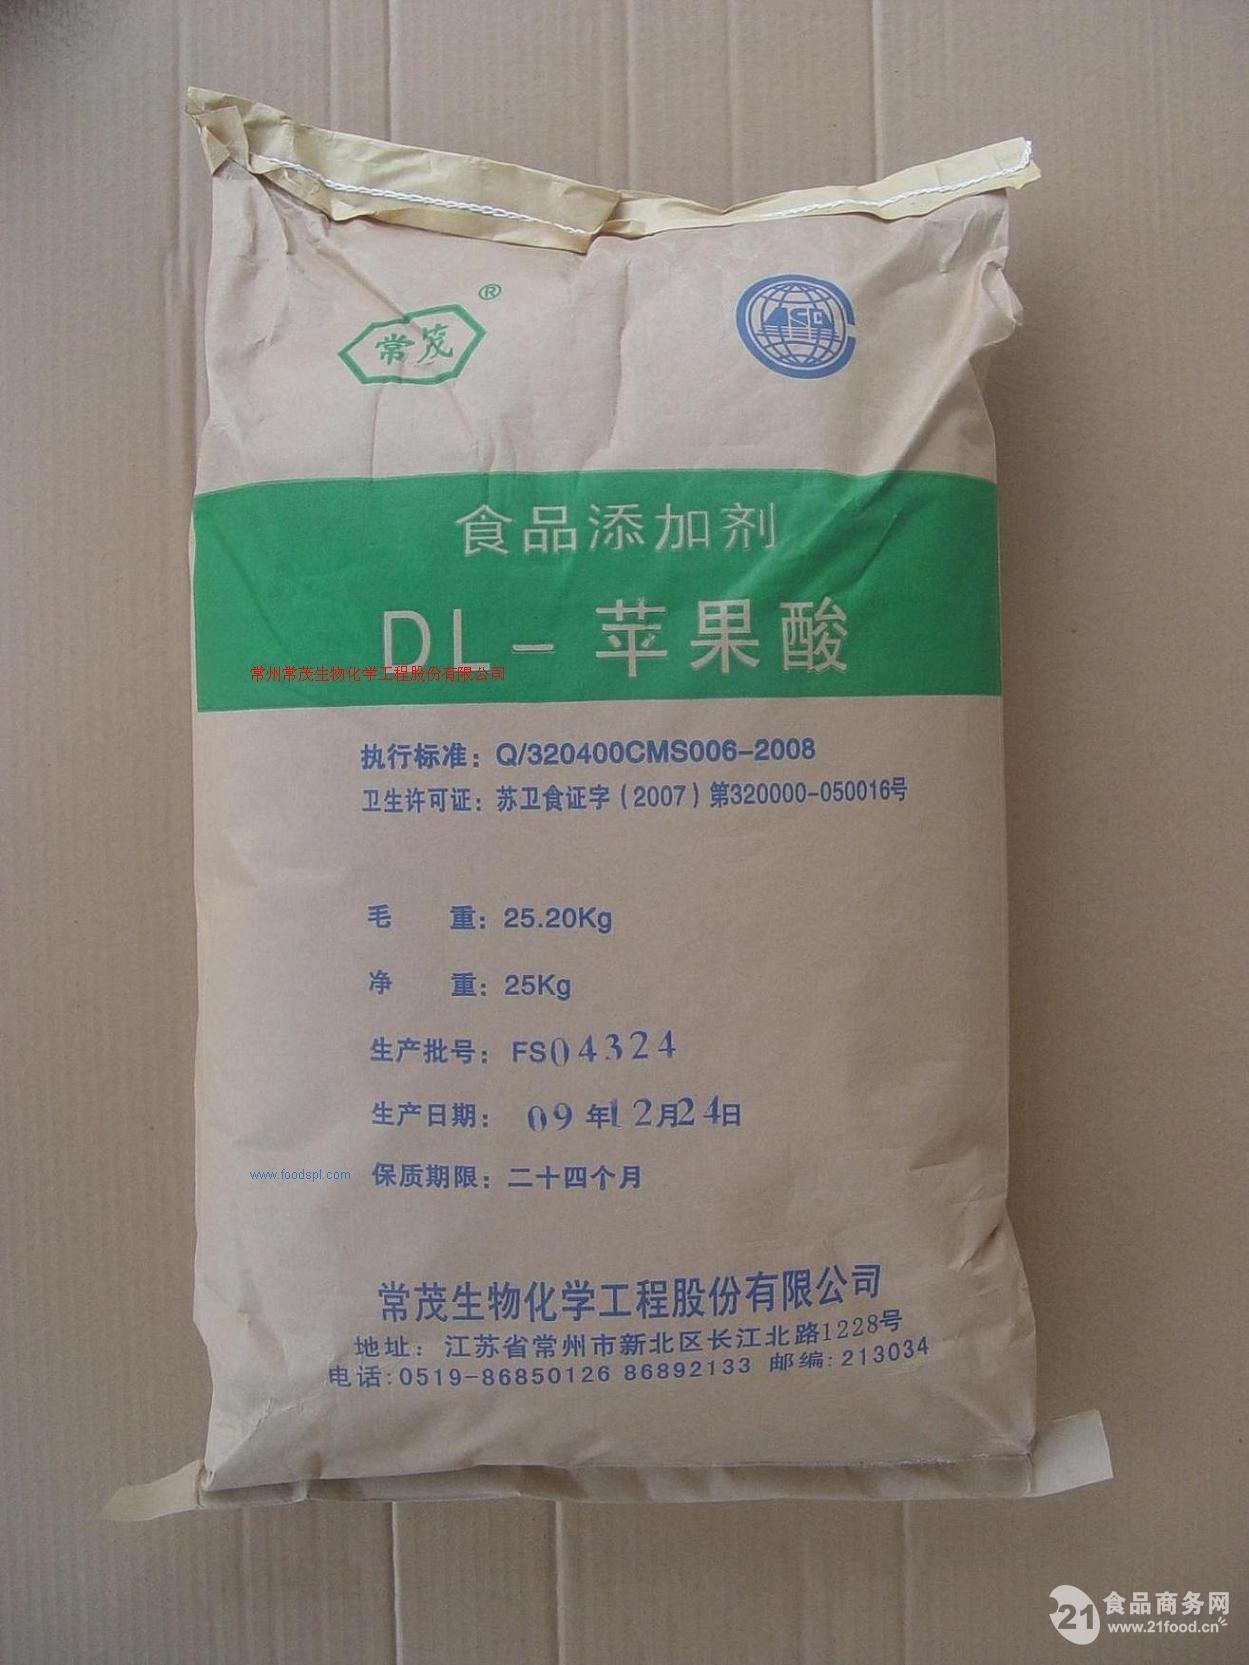 DL-苹果酸 常茂 雪郎 25kg袋装 原包装 质量包装